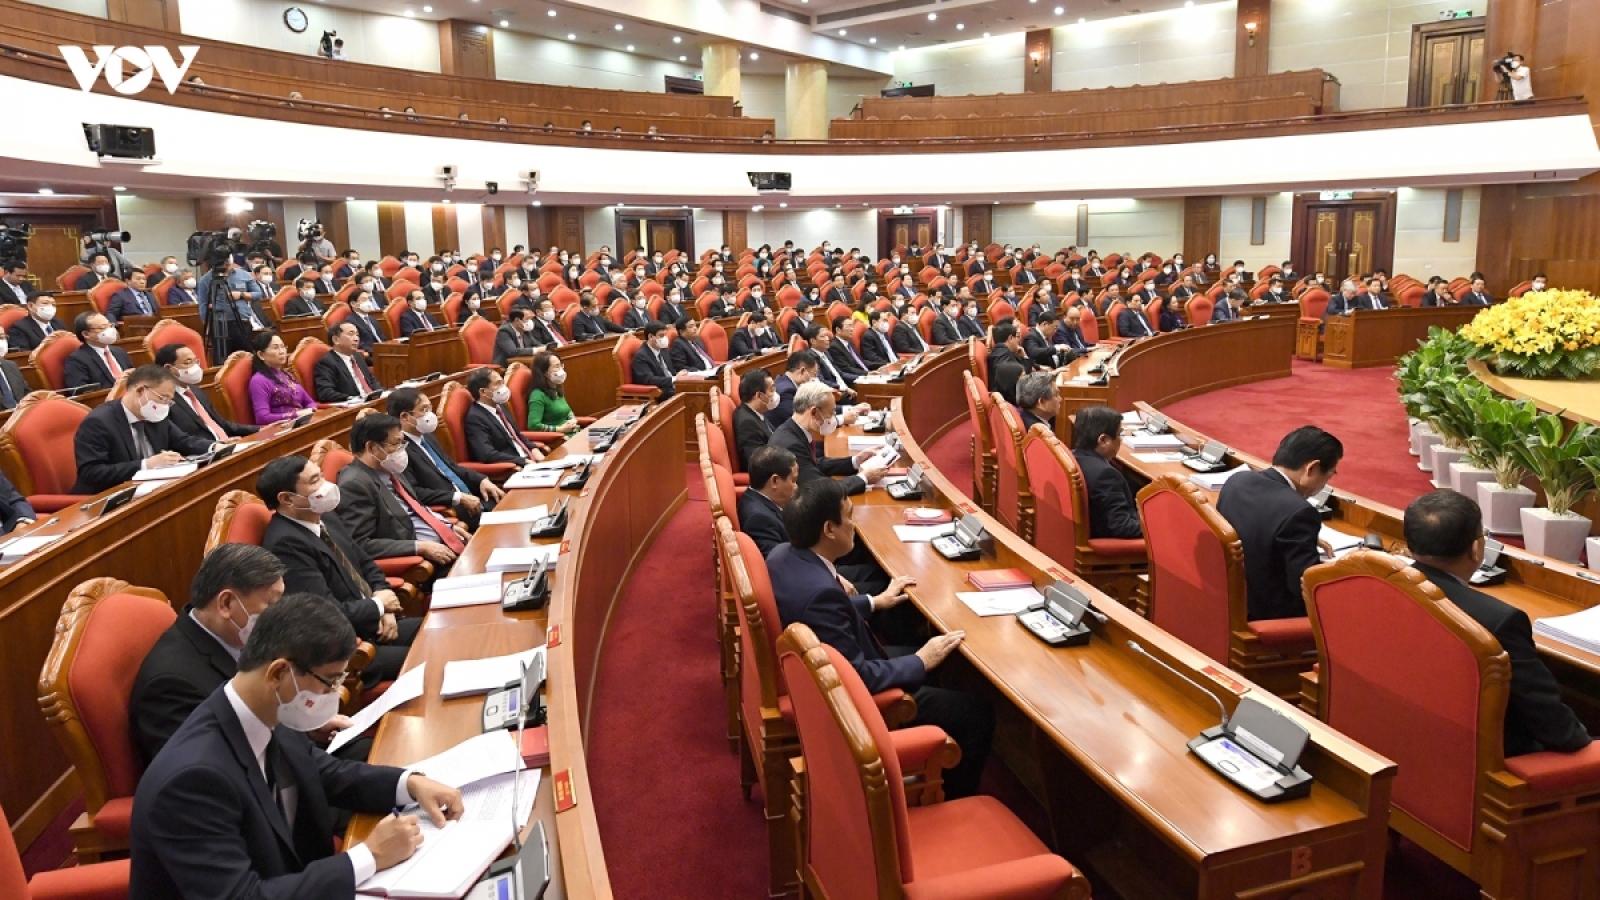 Ý kiến Đảng viên, người dân về Hội nghị Trung ương 4 khóa XIII